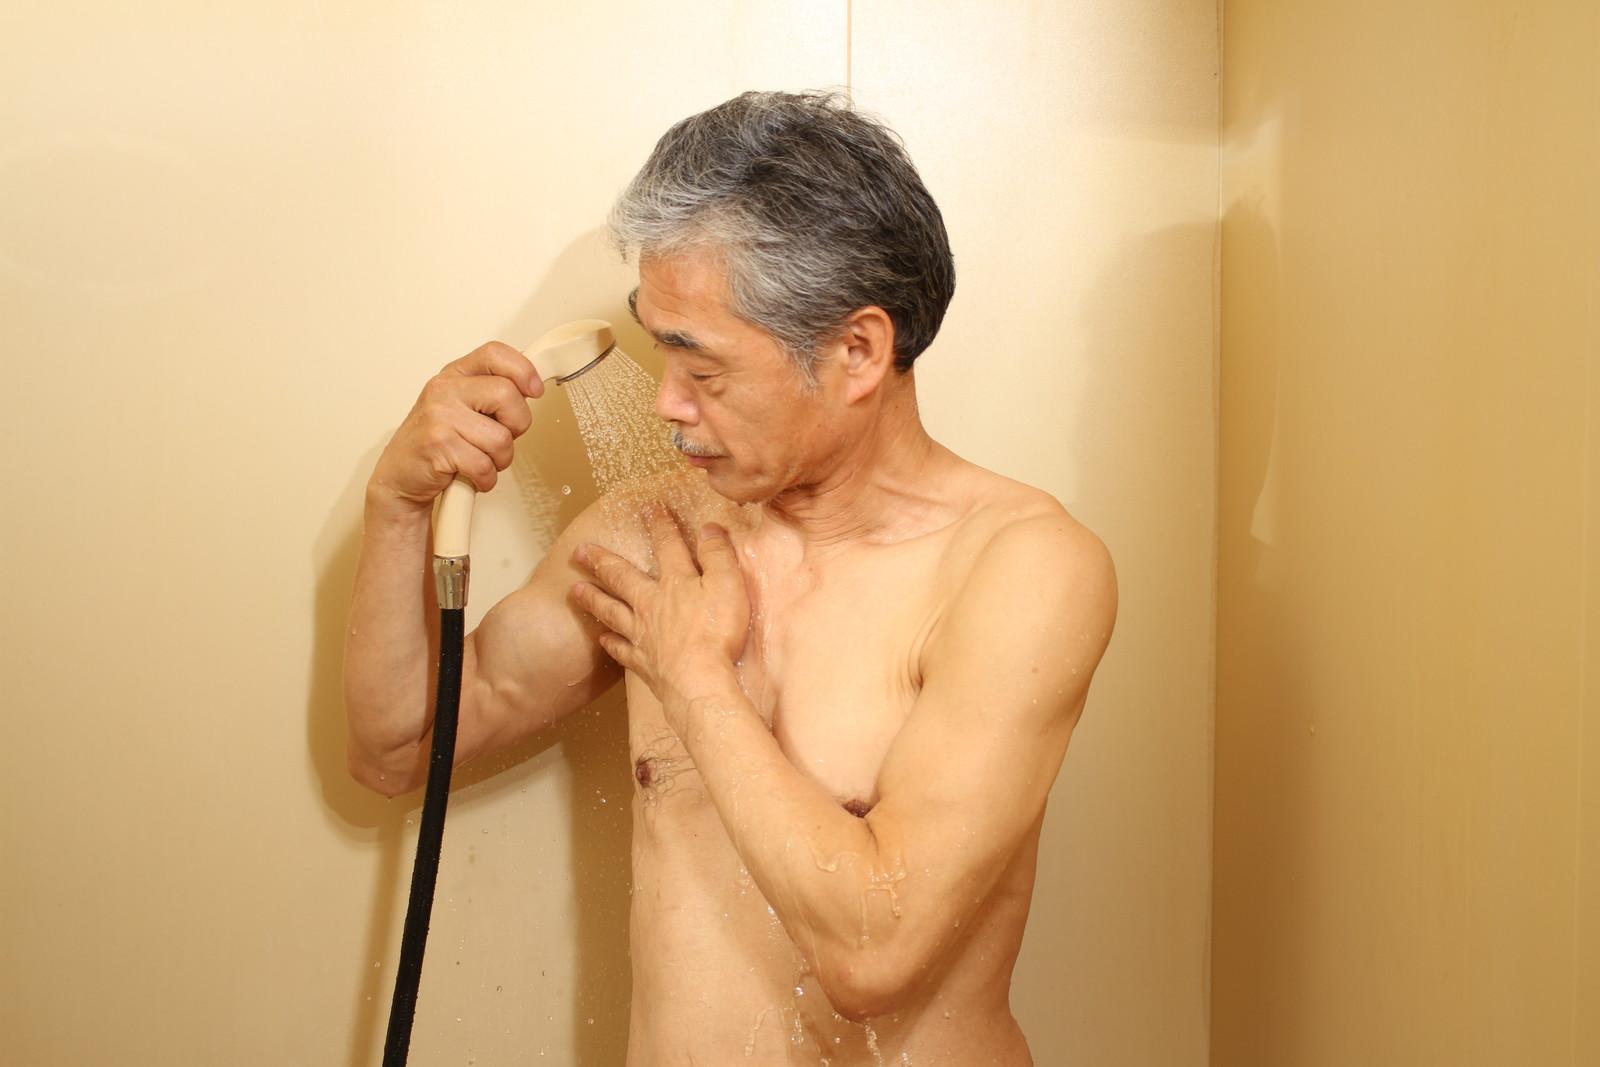 おい、オレの筋肉!!やるのかい?やらないのかい?どっちなんだい!?,シニア,写真,画像,素材,老人,高齢者,フリー